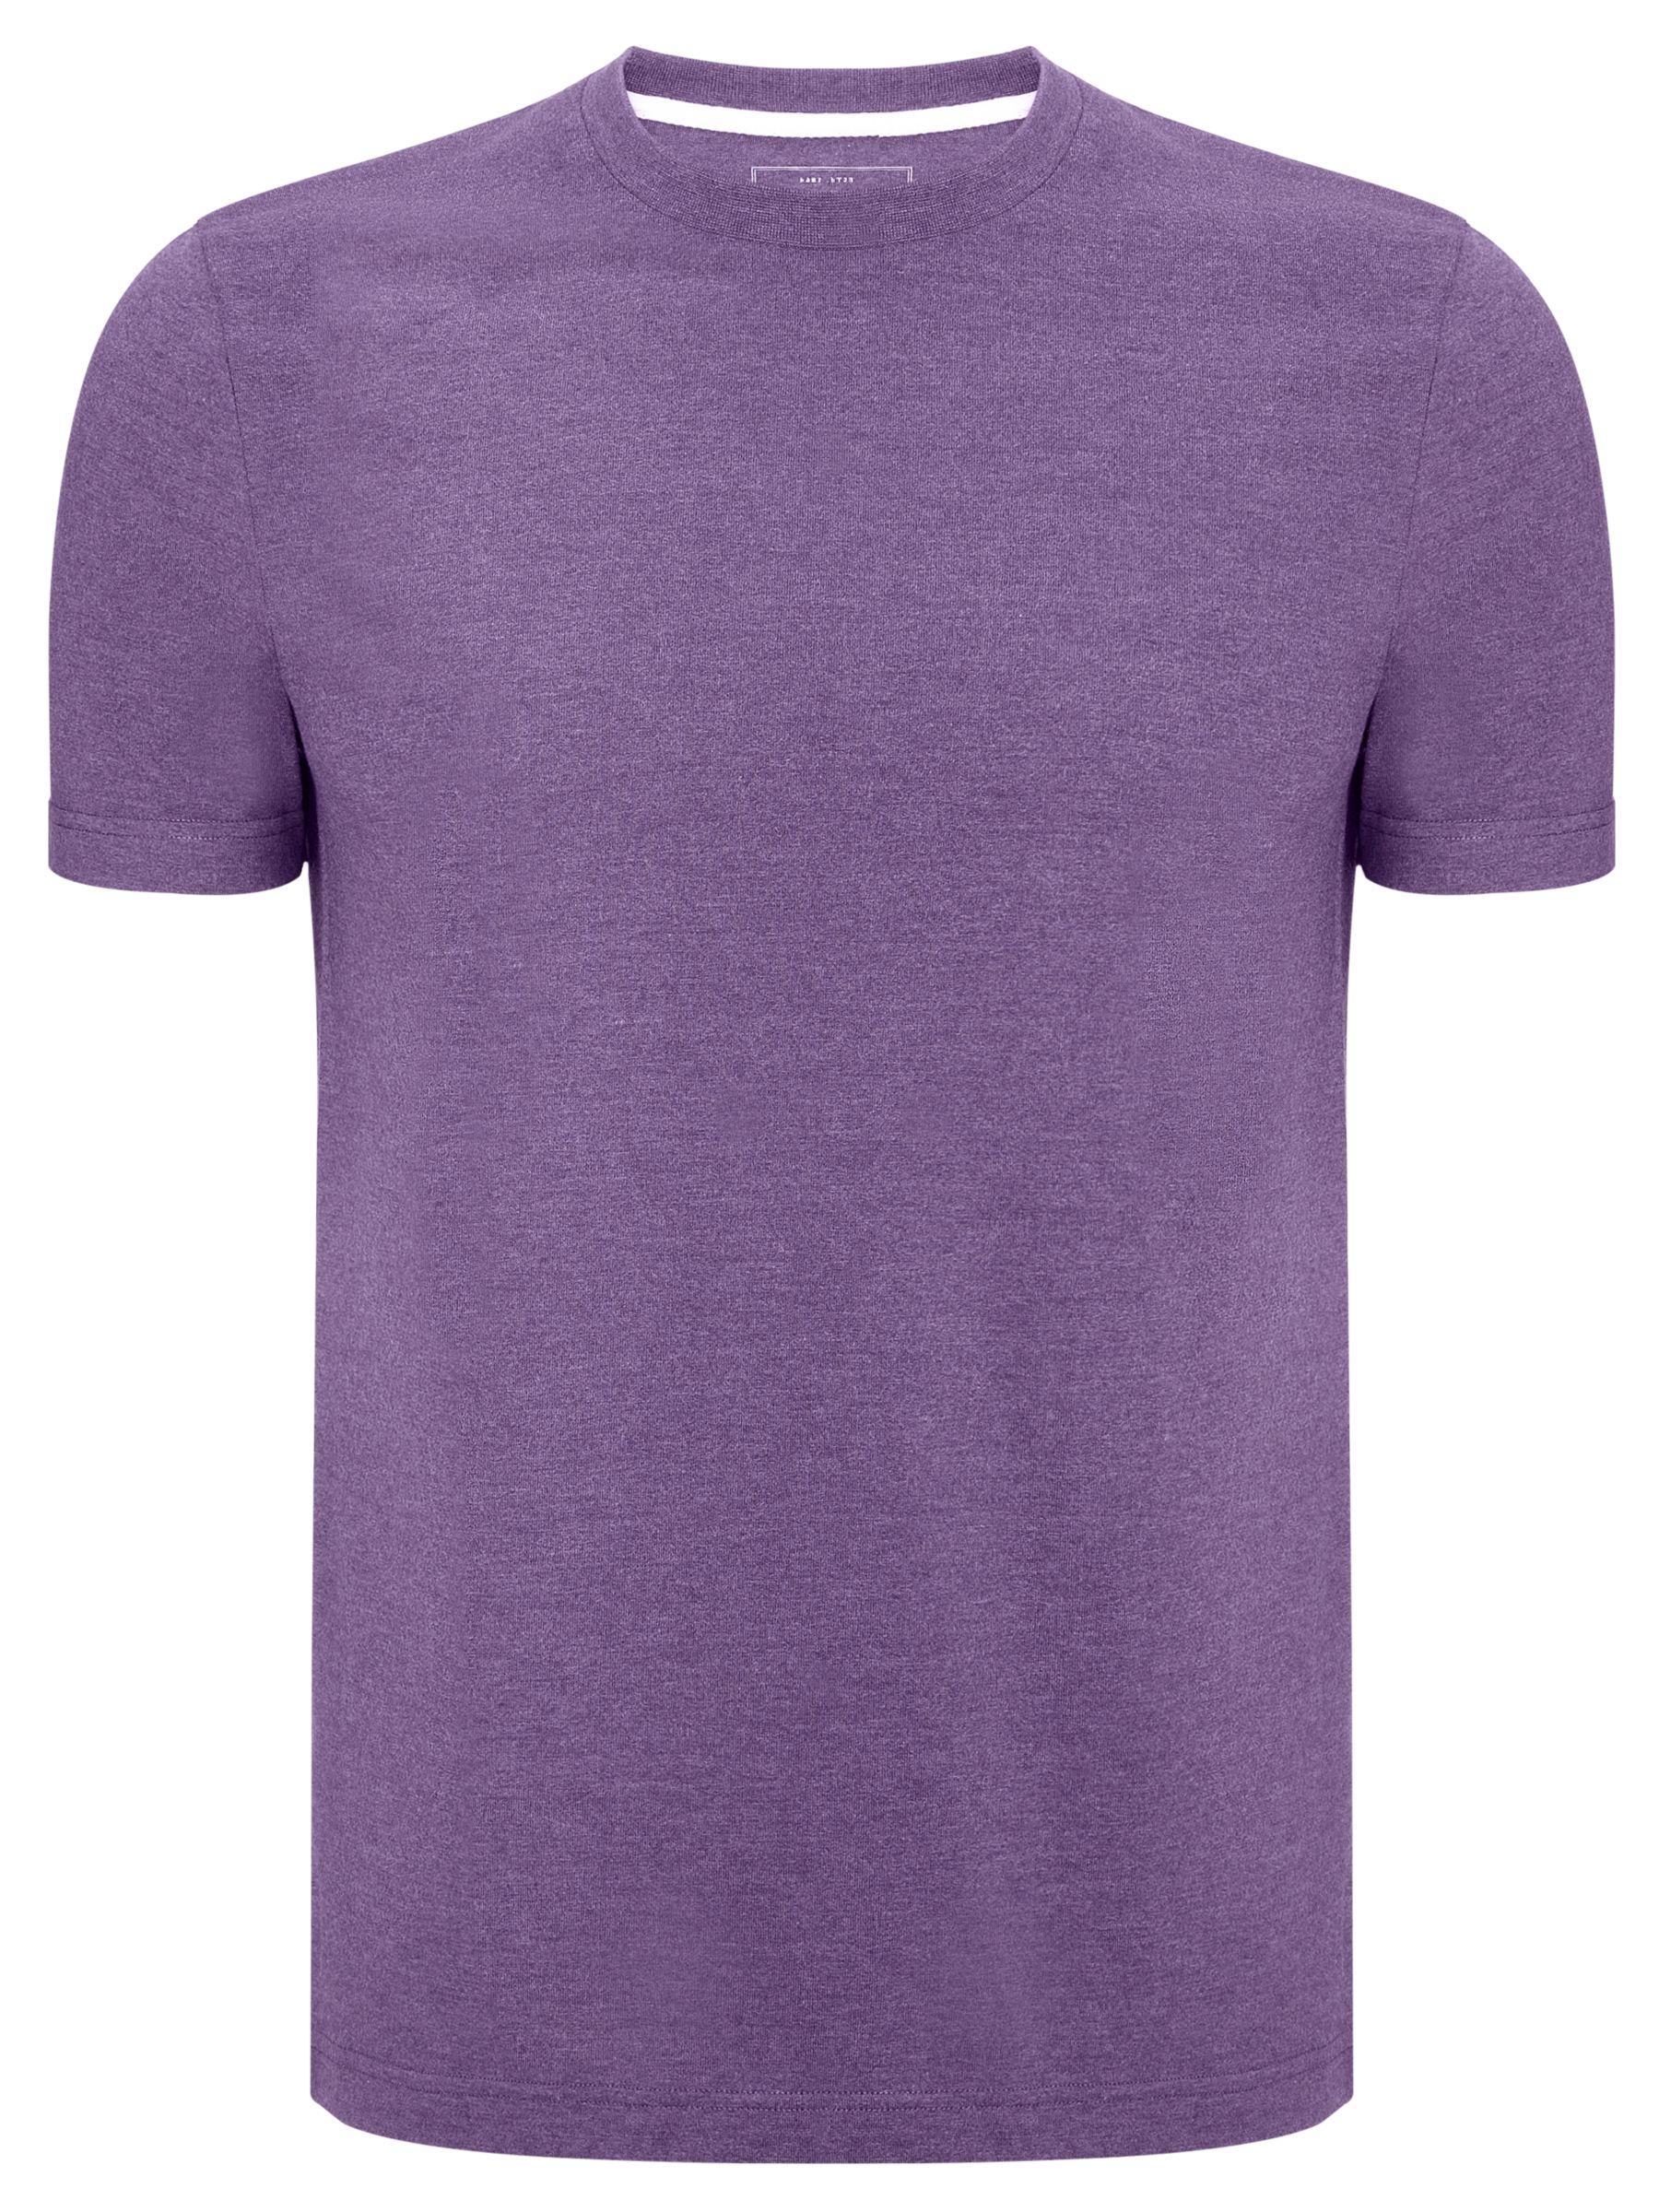 John Lewis Crew Neck Cotton Rich T-Shirt, Purple